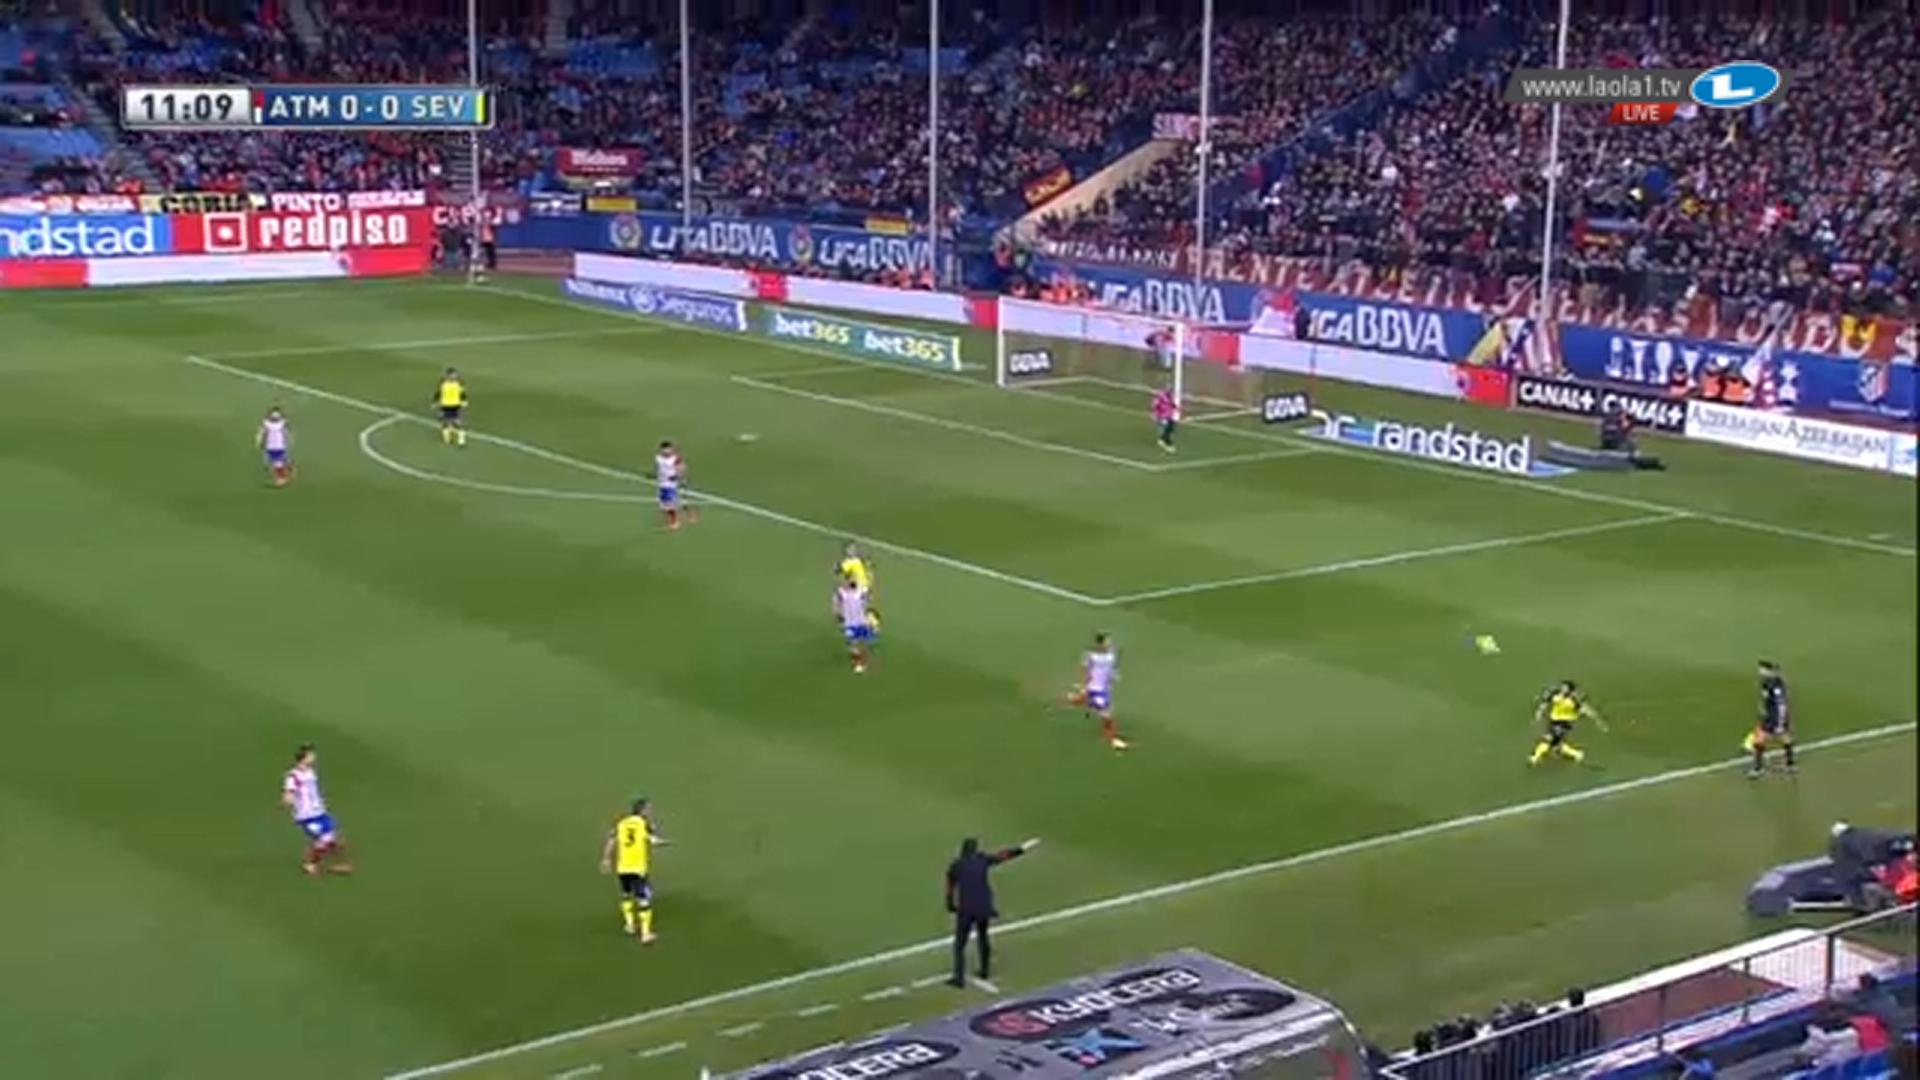 Atlético erzeugt im Angriffspressing situativ sogar eine 4-3 Überzahl gegen Sevillas Aufbaudreierkette. Alle ballnahen Spieler sind für den Außenverteidiger zugestellt. Ihm bleibt nur der Befreiungsschlag.